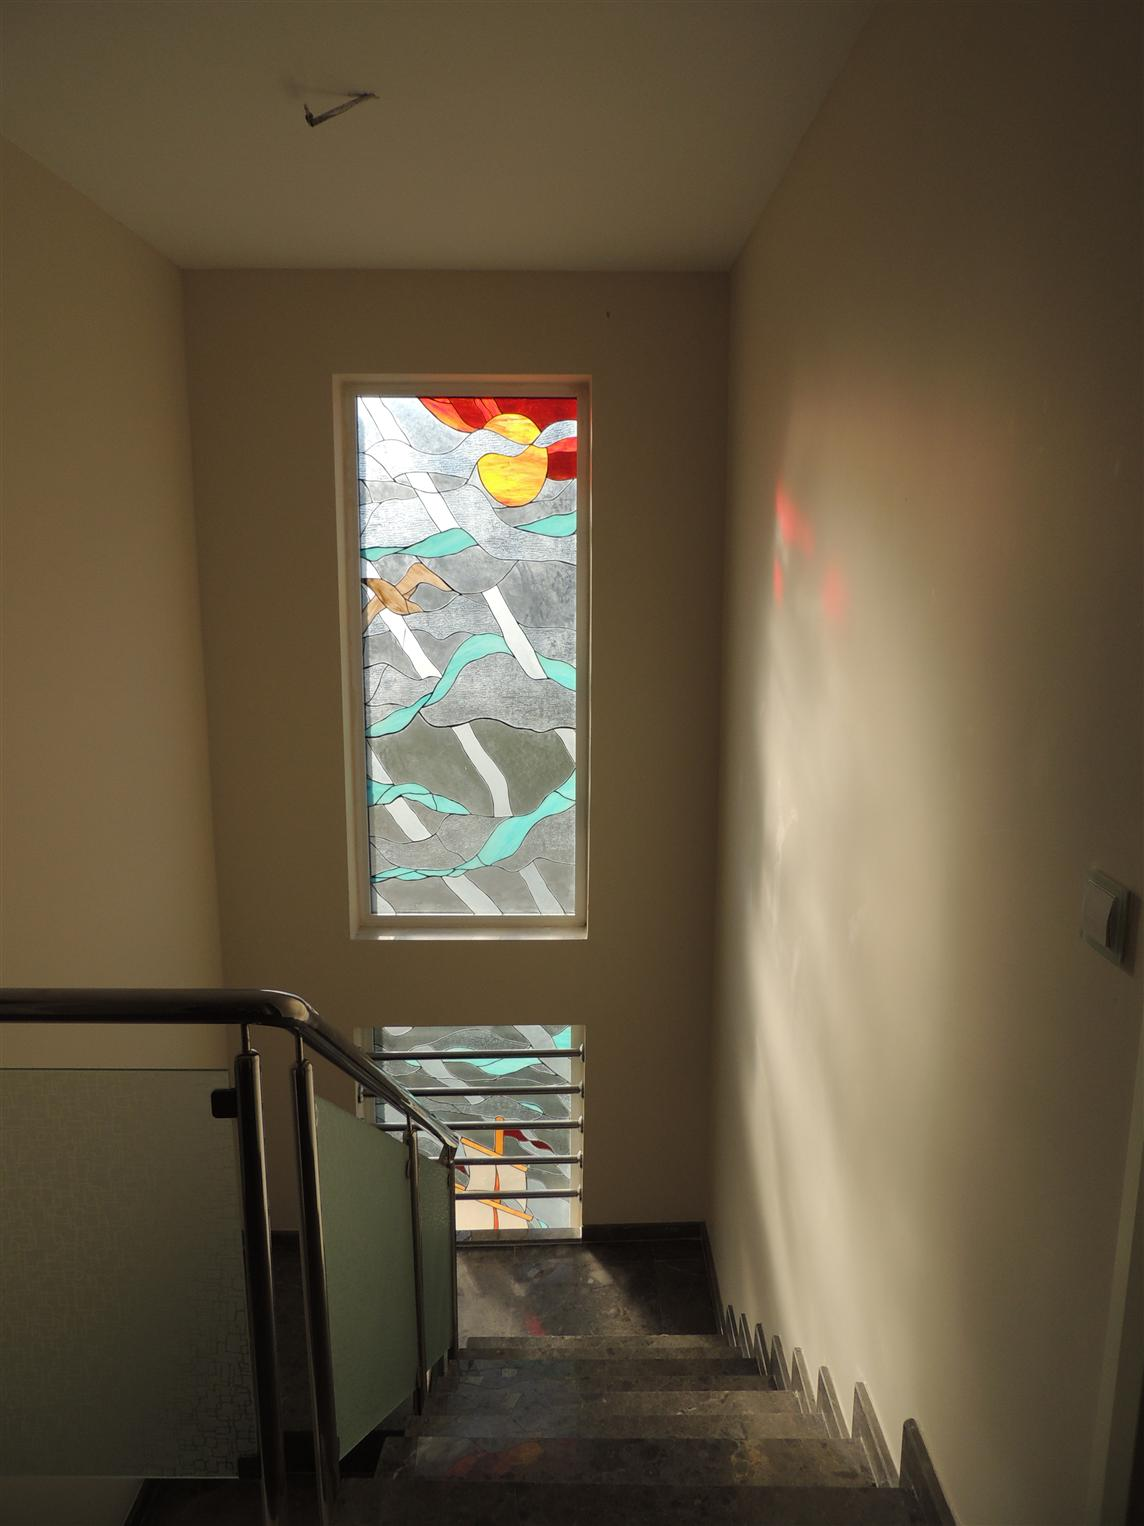 izka-insaat-life-port-evleri201592116488837.jpg izmir vitray çalışması